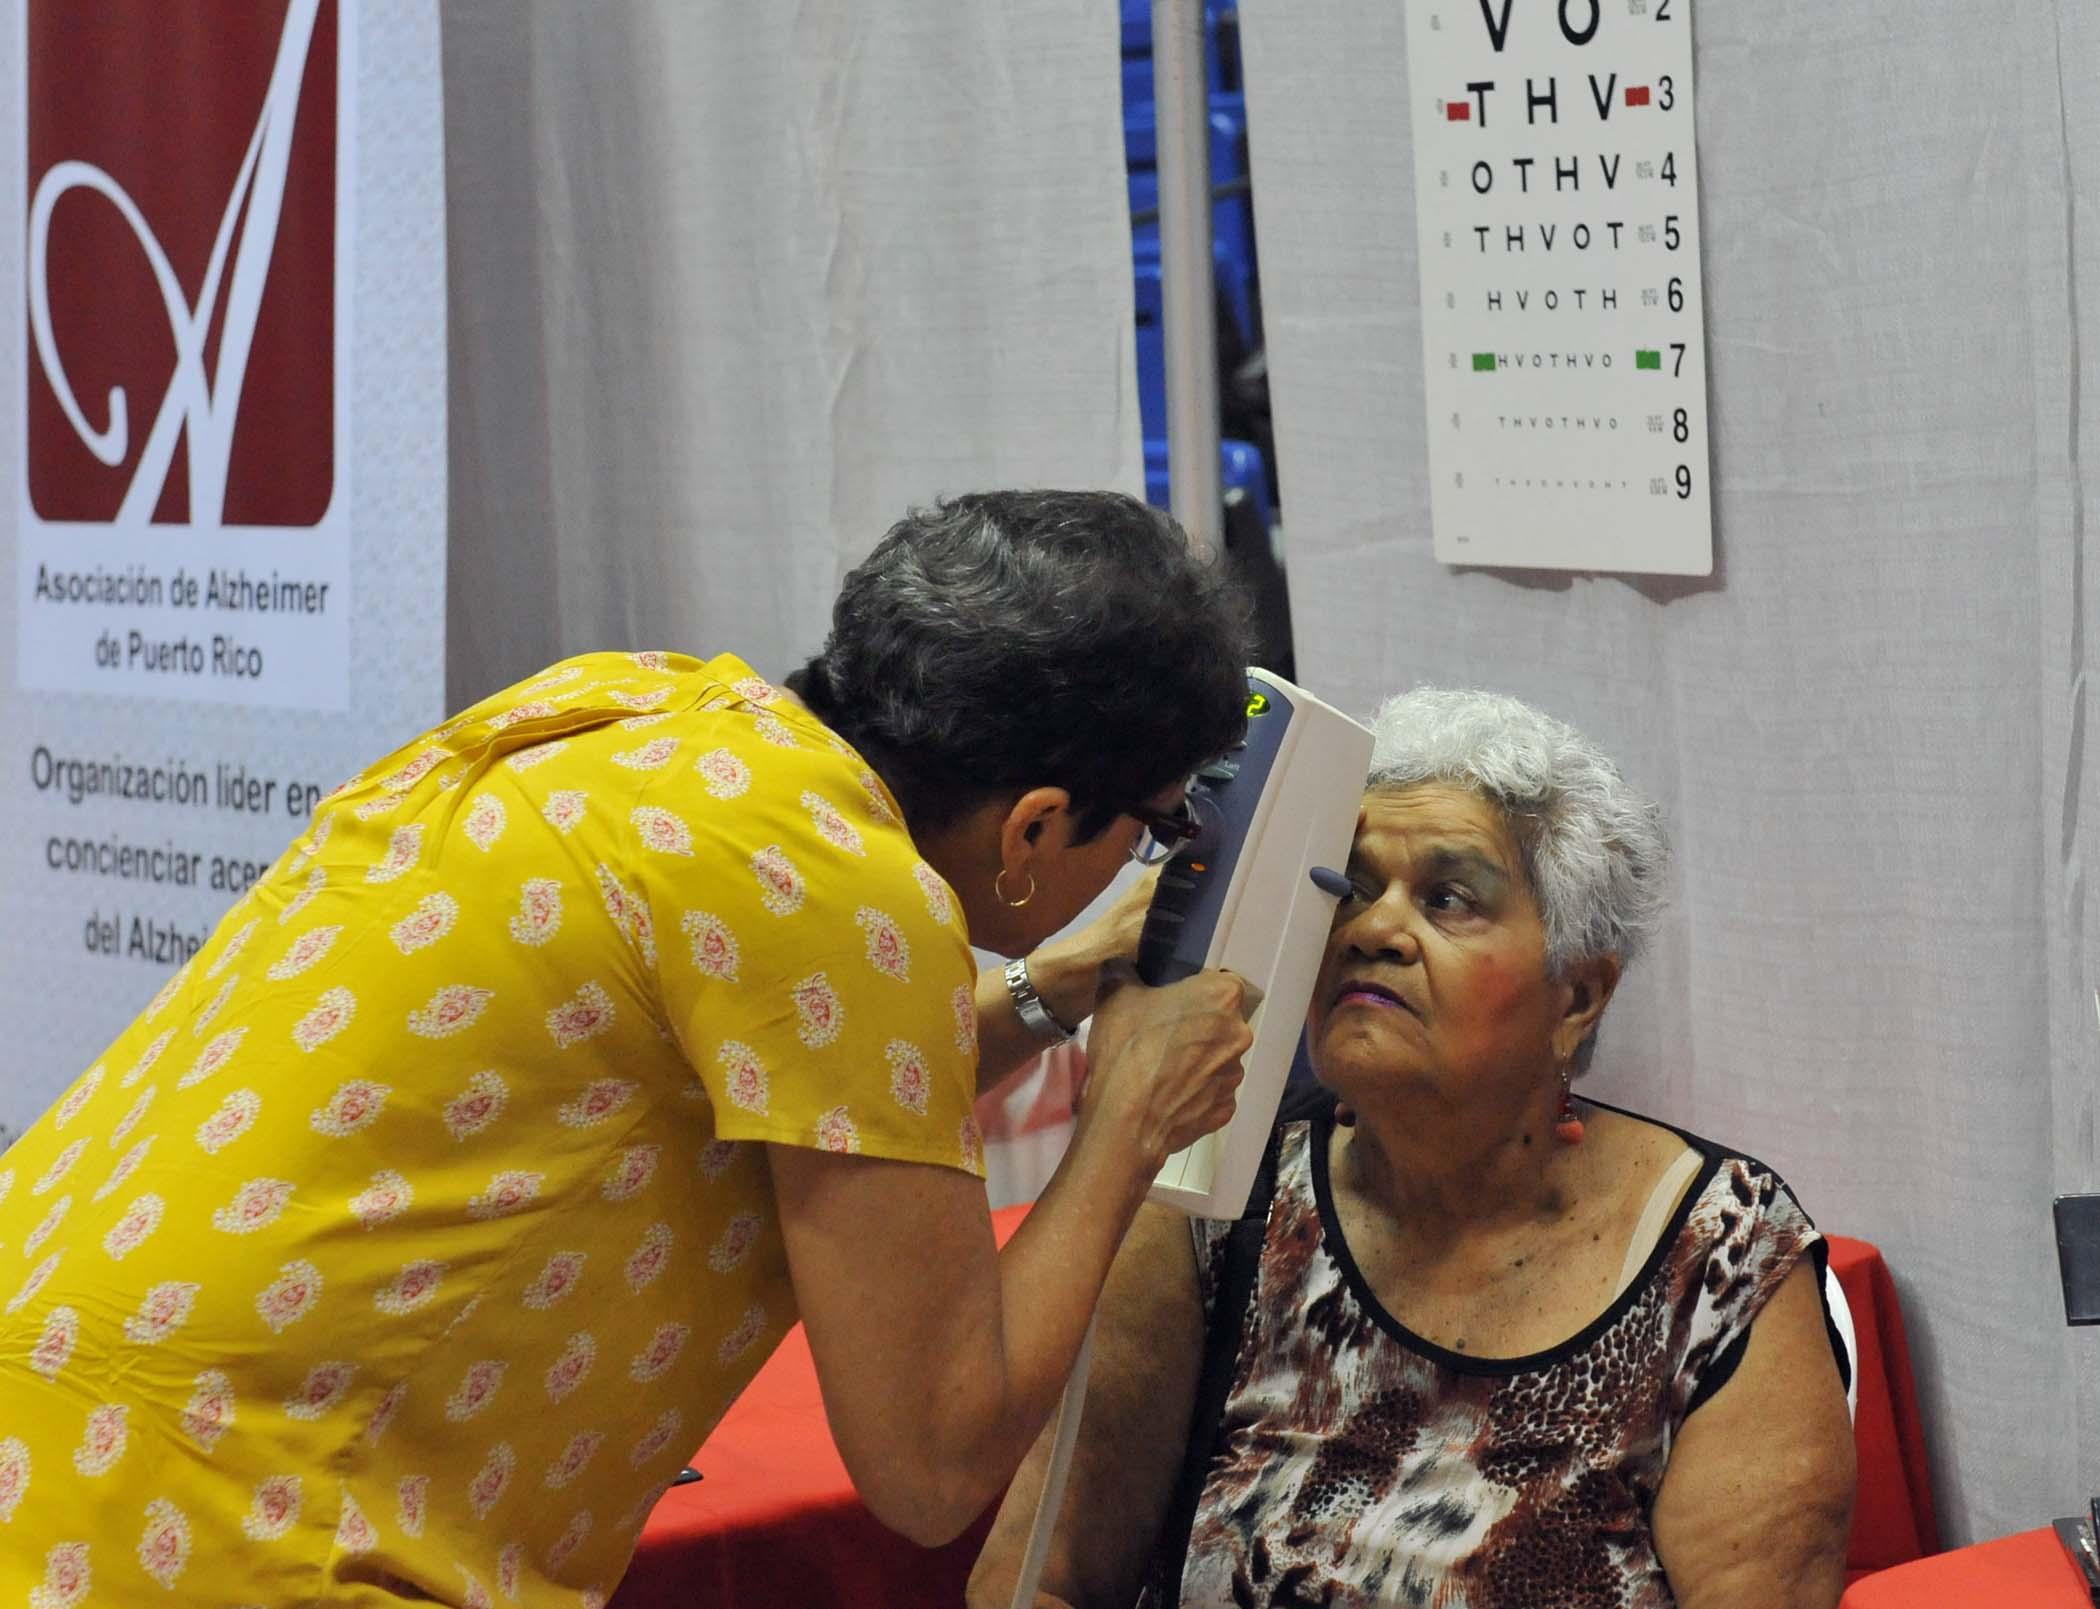 Participante realizandose prueba de visión